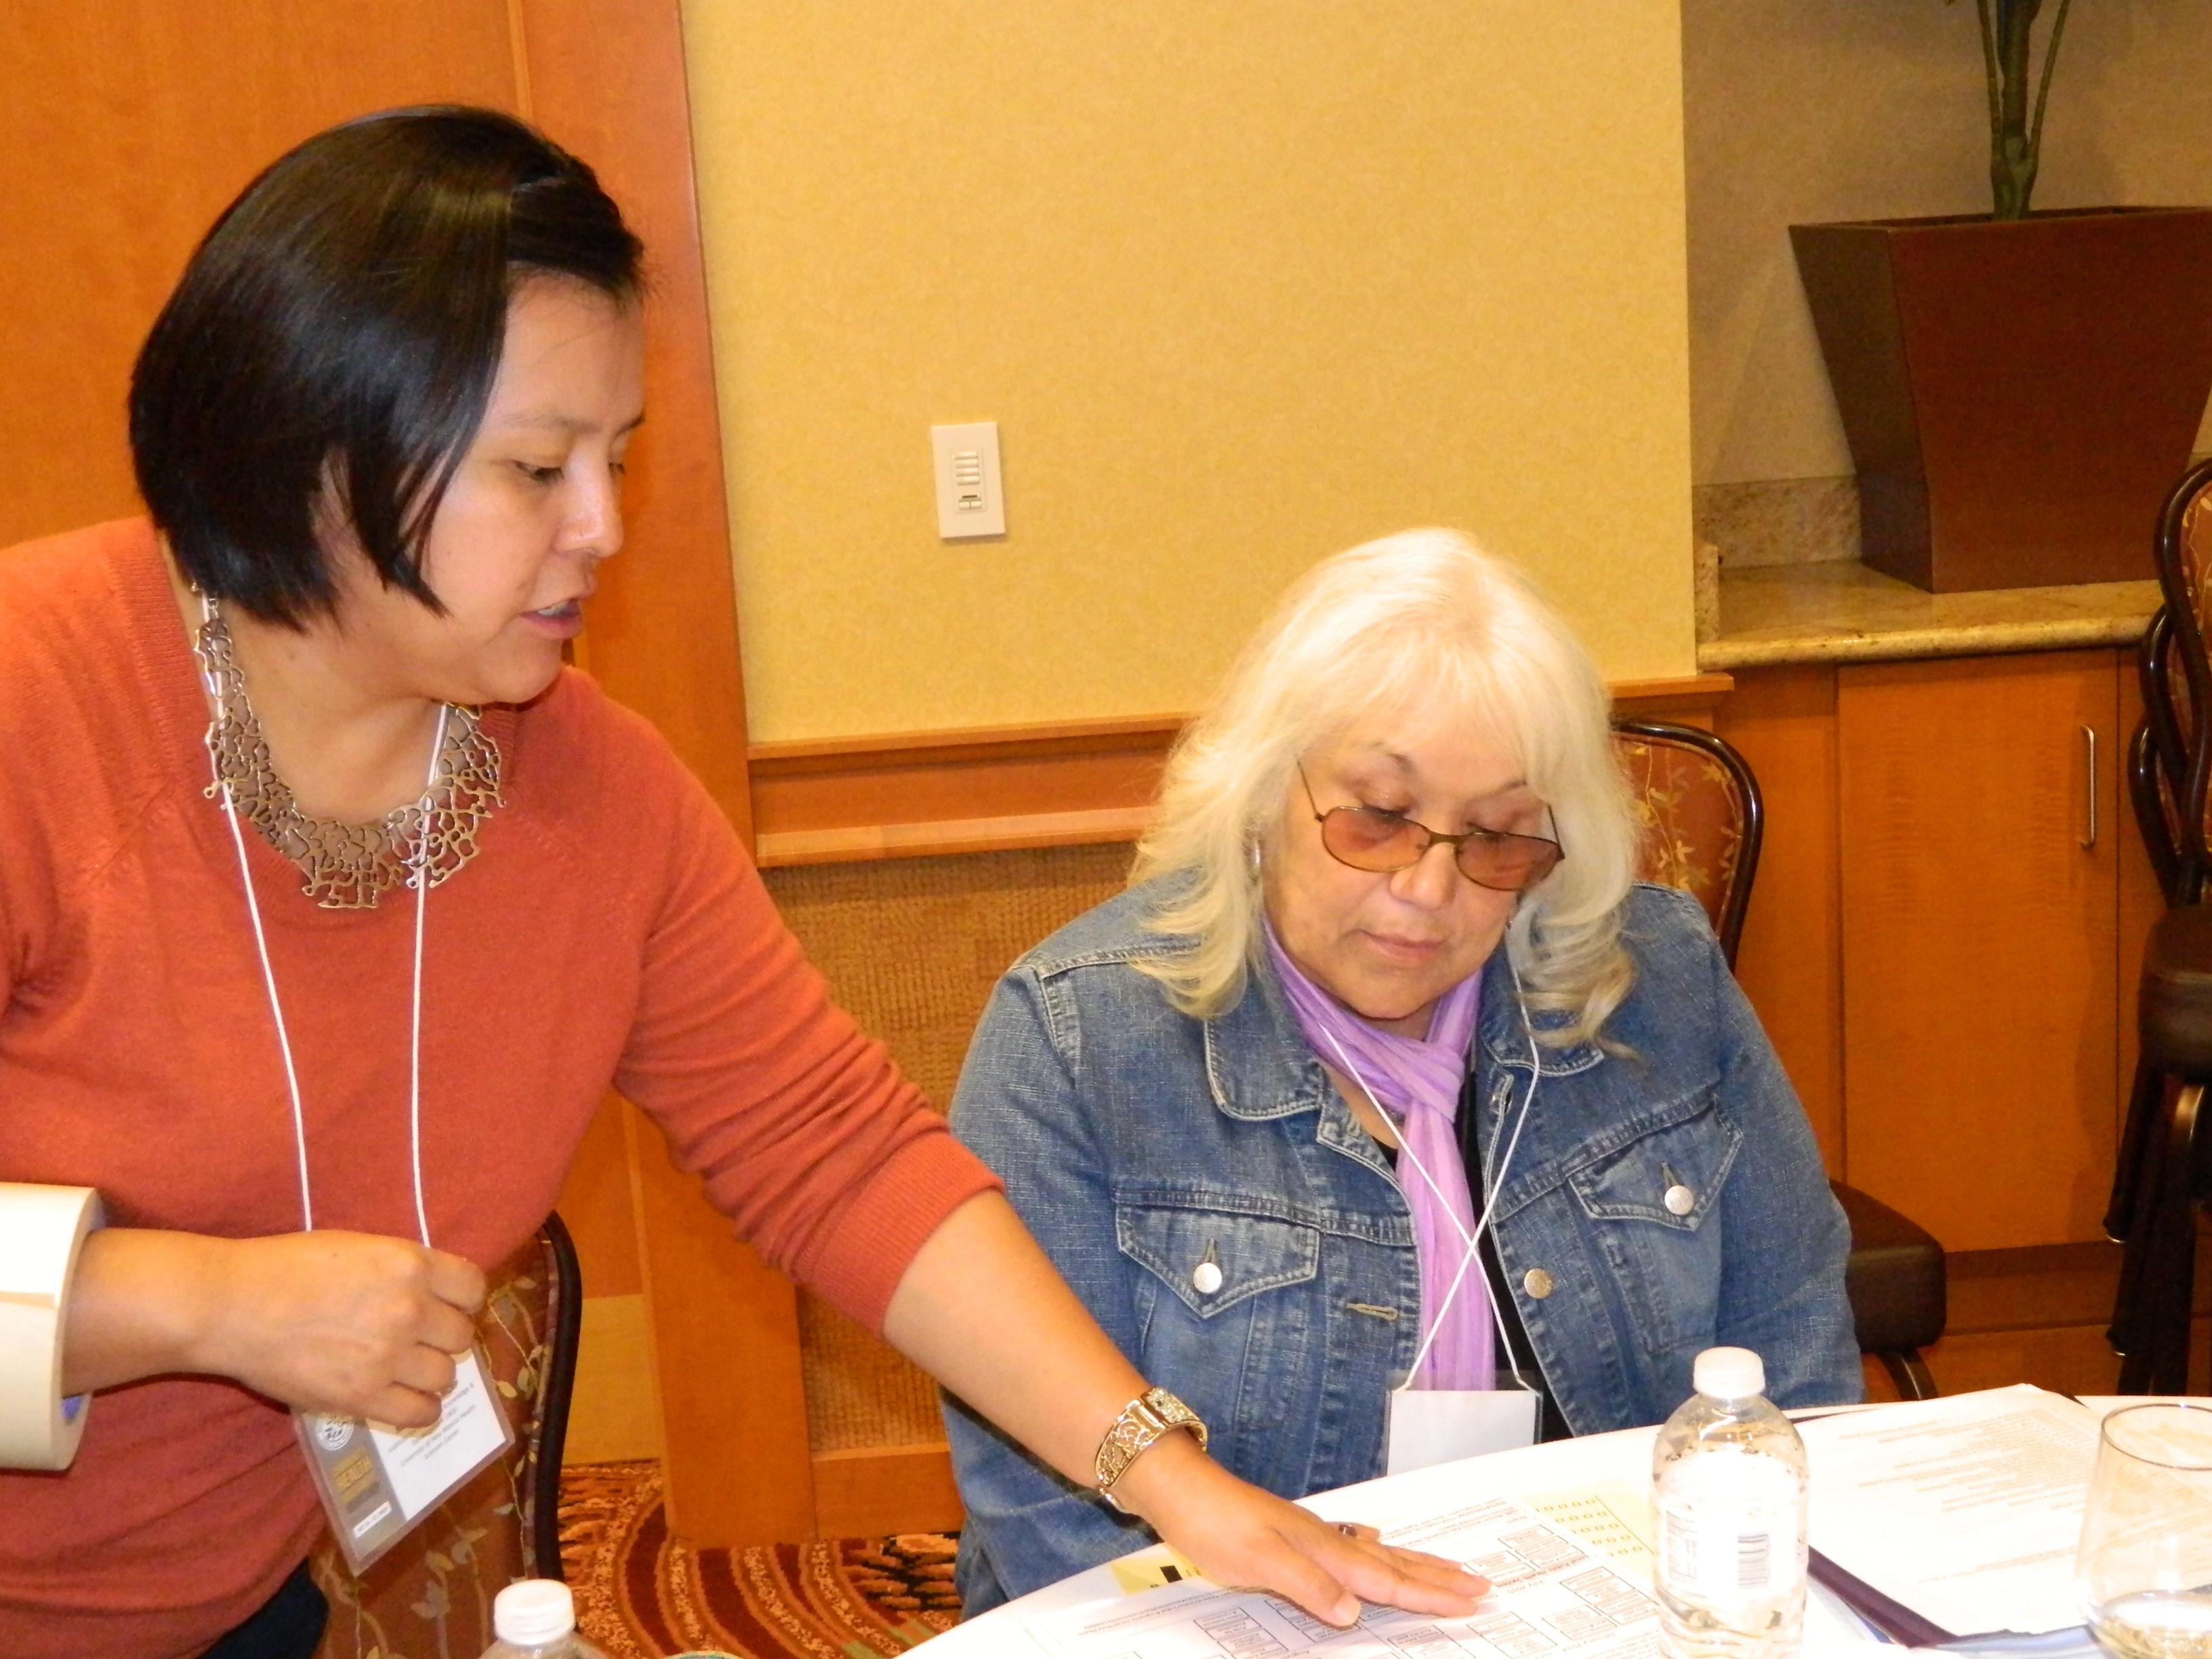 Dos participantes trabajando en la mesa.